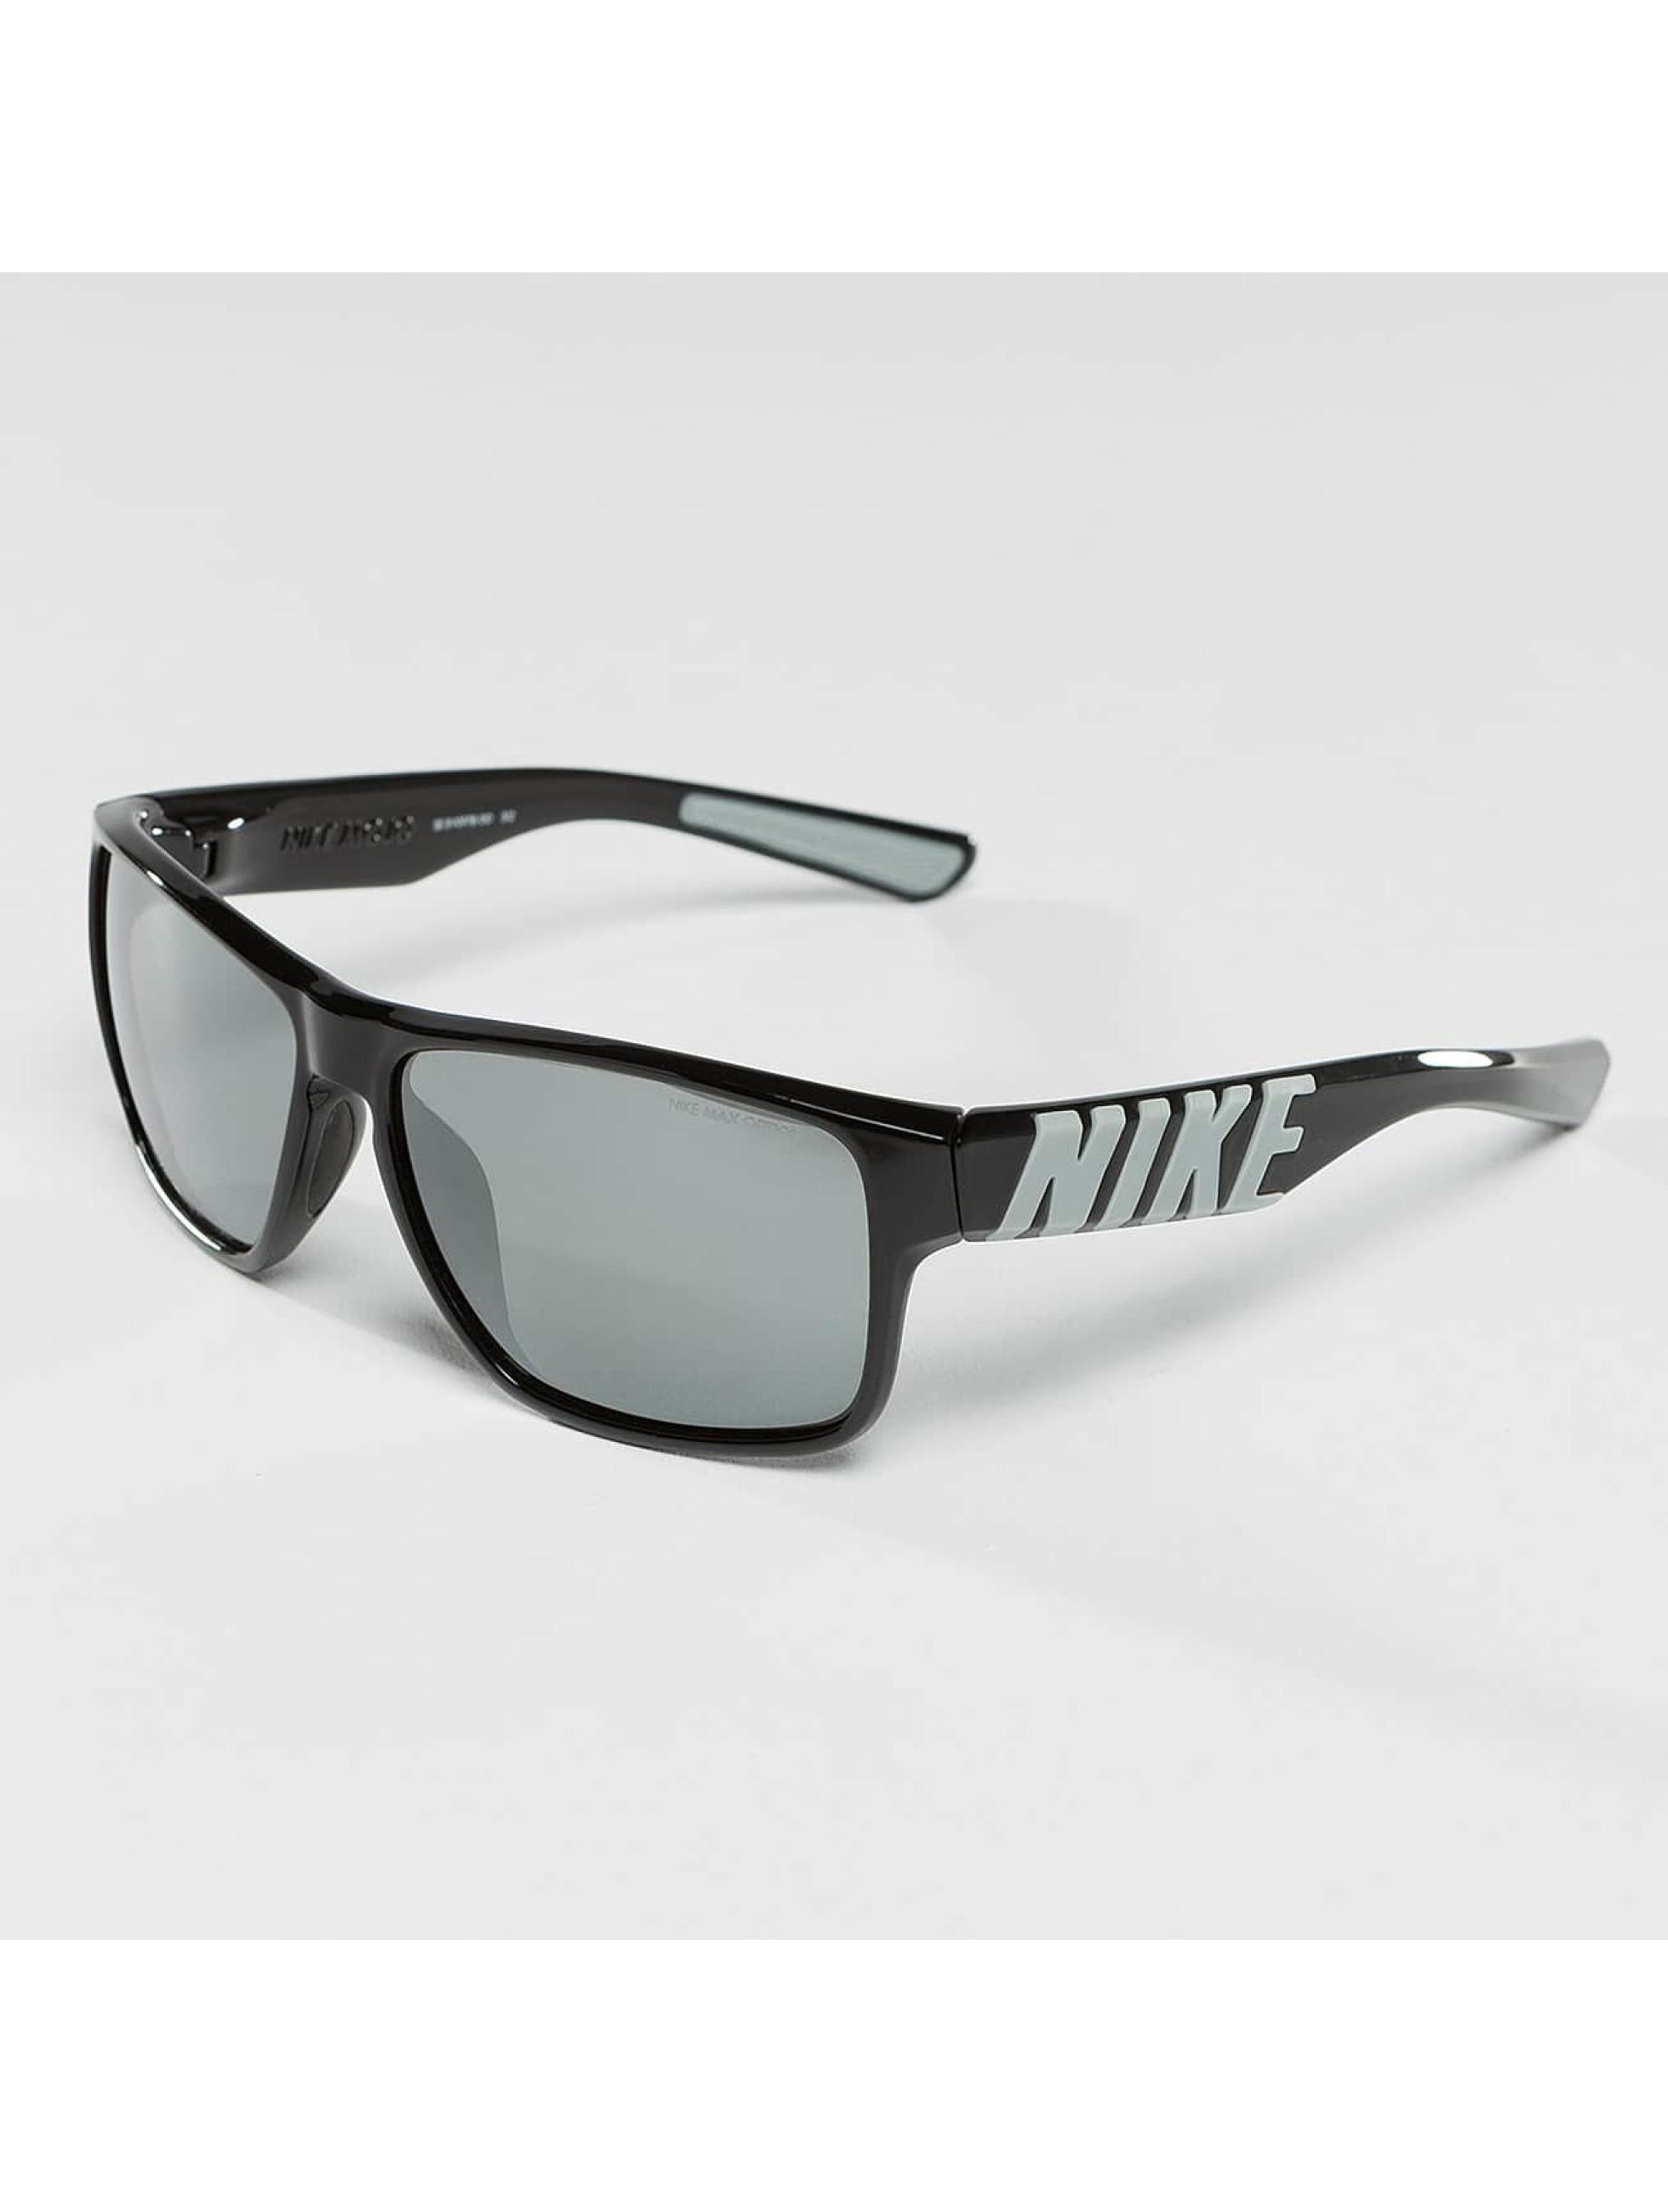 Nike Vision Lunettes de soleil Mojo noir